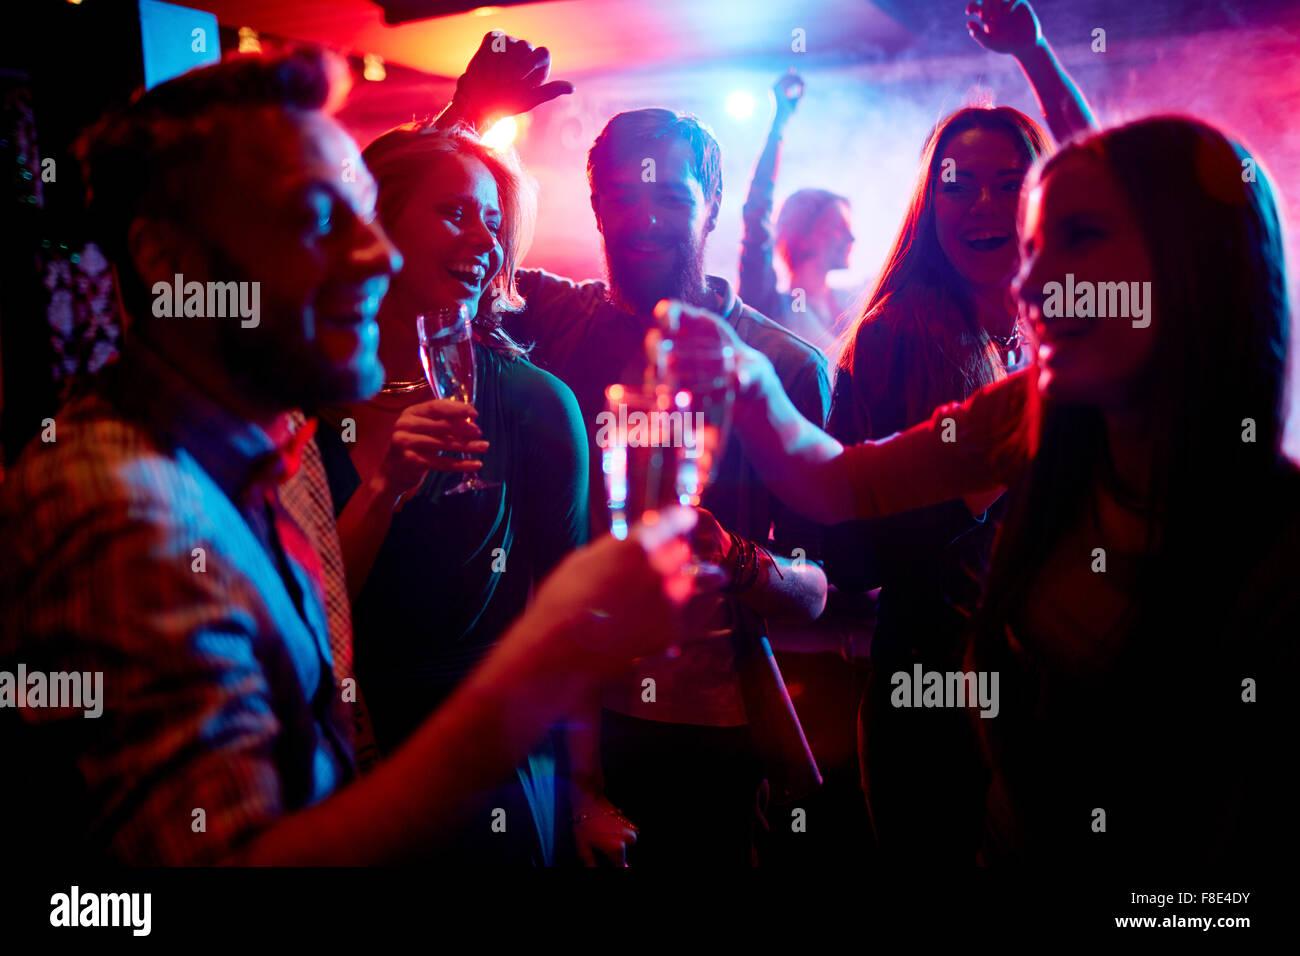 Groupe de jeunes gens fête avec des boissons en boîte de nuit Photo Stock